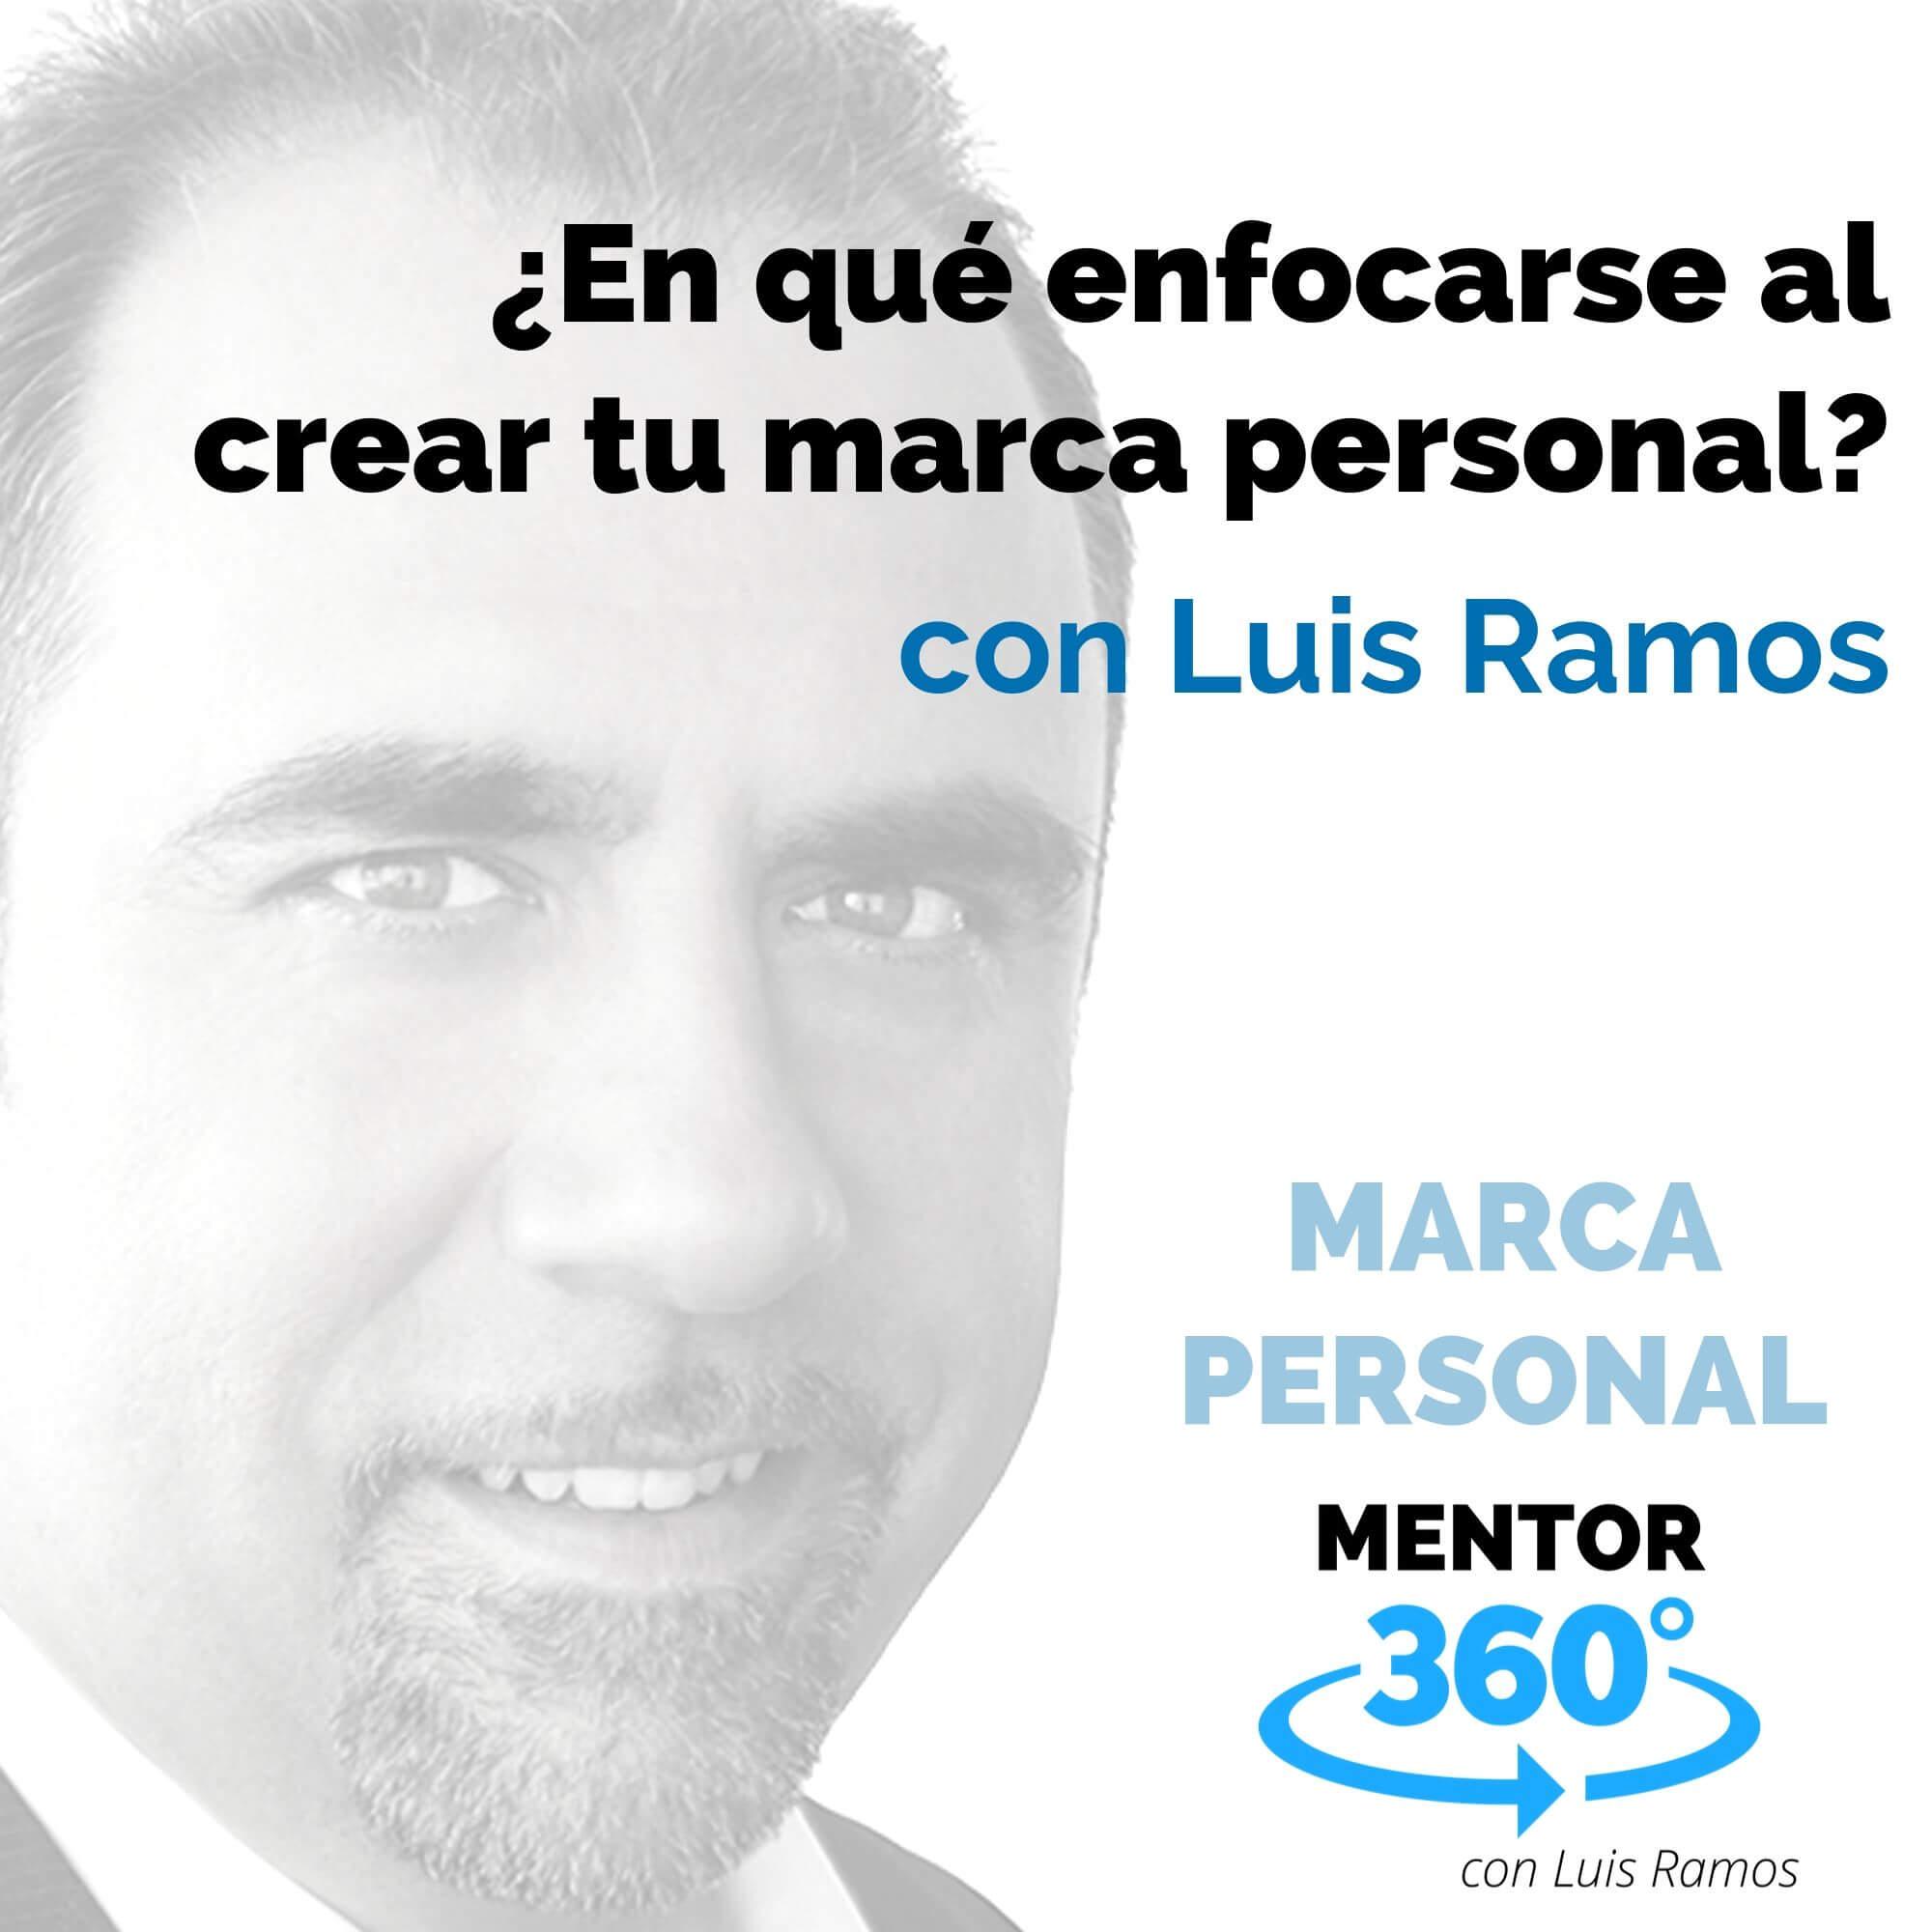 ¿En qué enfocarse primero al crear tu marca personal?, con Luis Ramos - MARCA PERSONAL